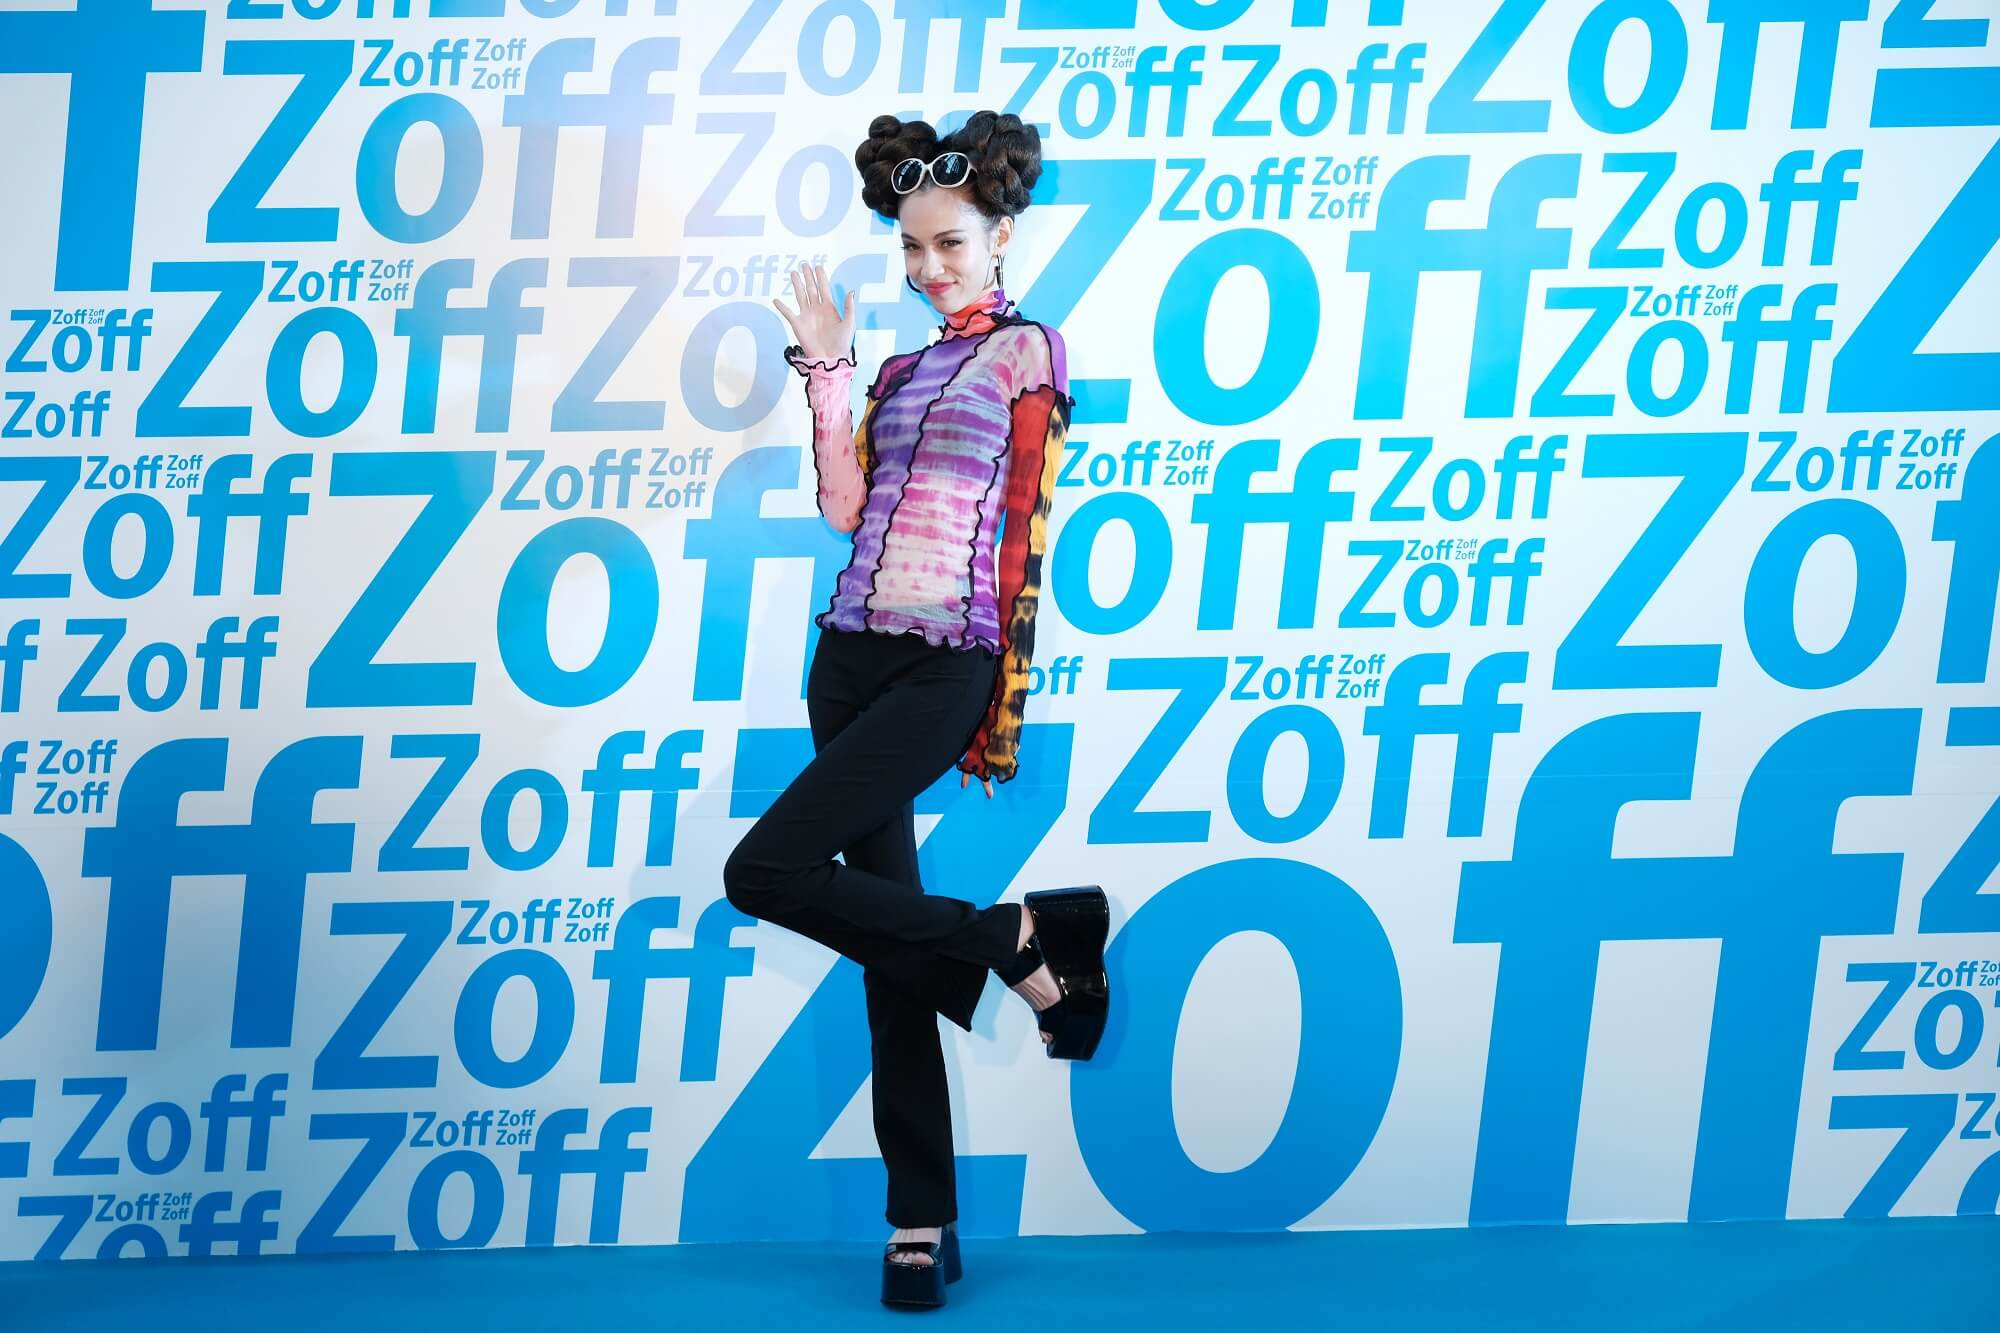 水原希子出席香港・旺角開幕的「Zoff」記念活動! 日本文化、日本流行、觀光、日本飲食